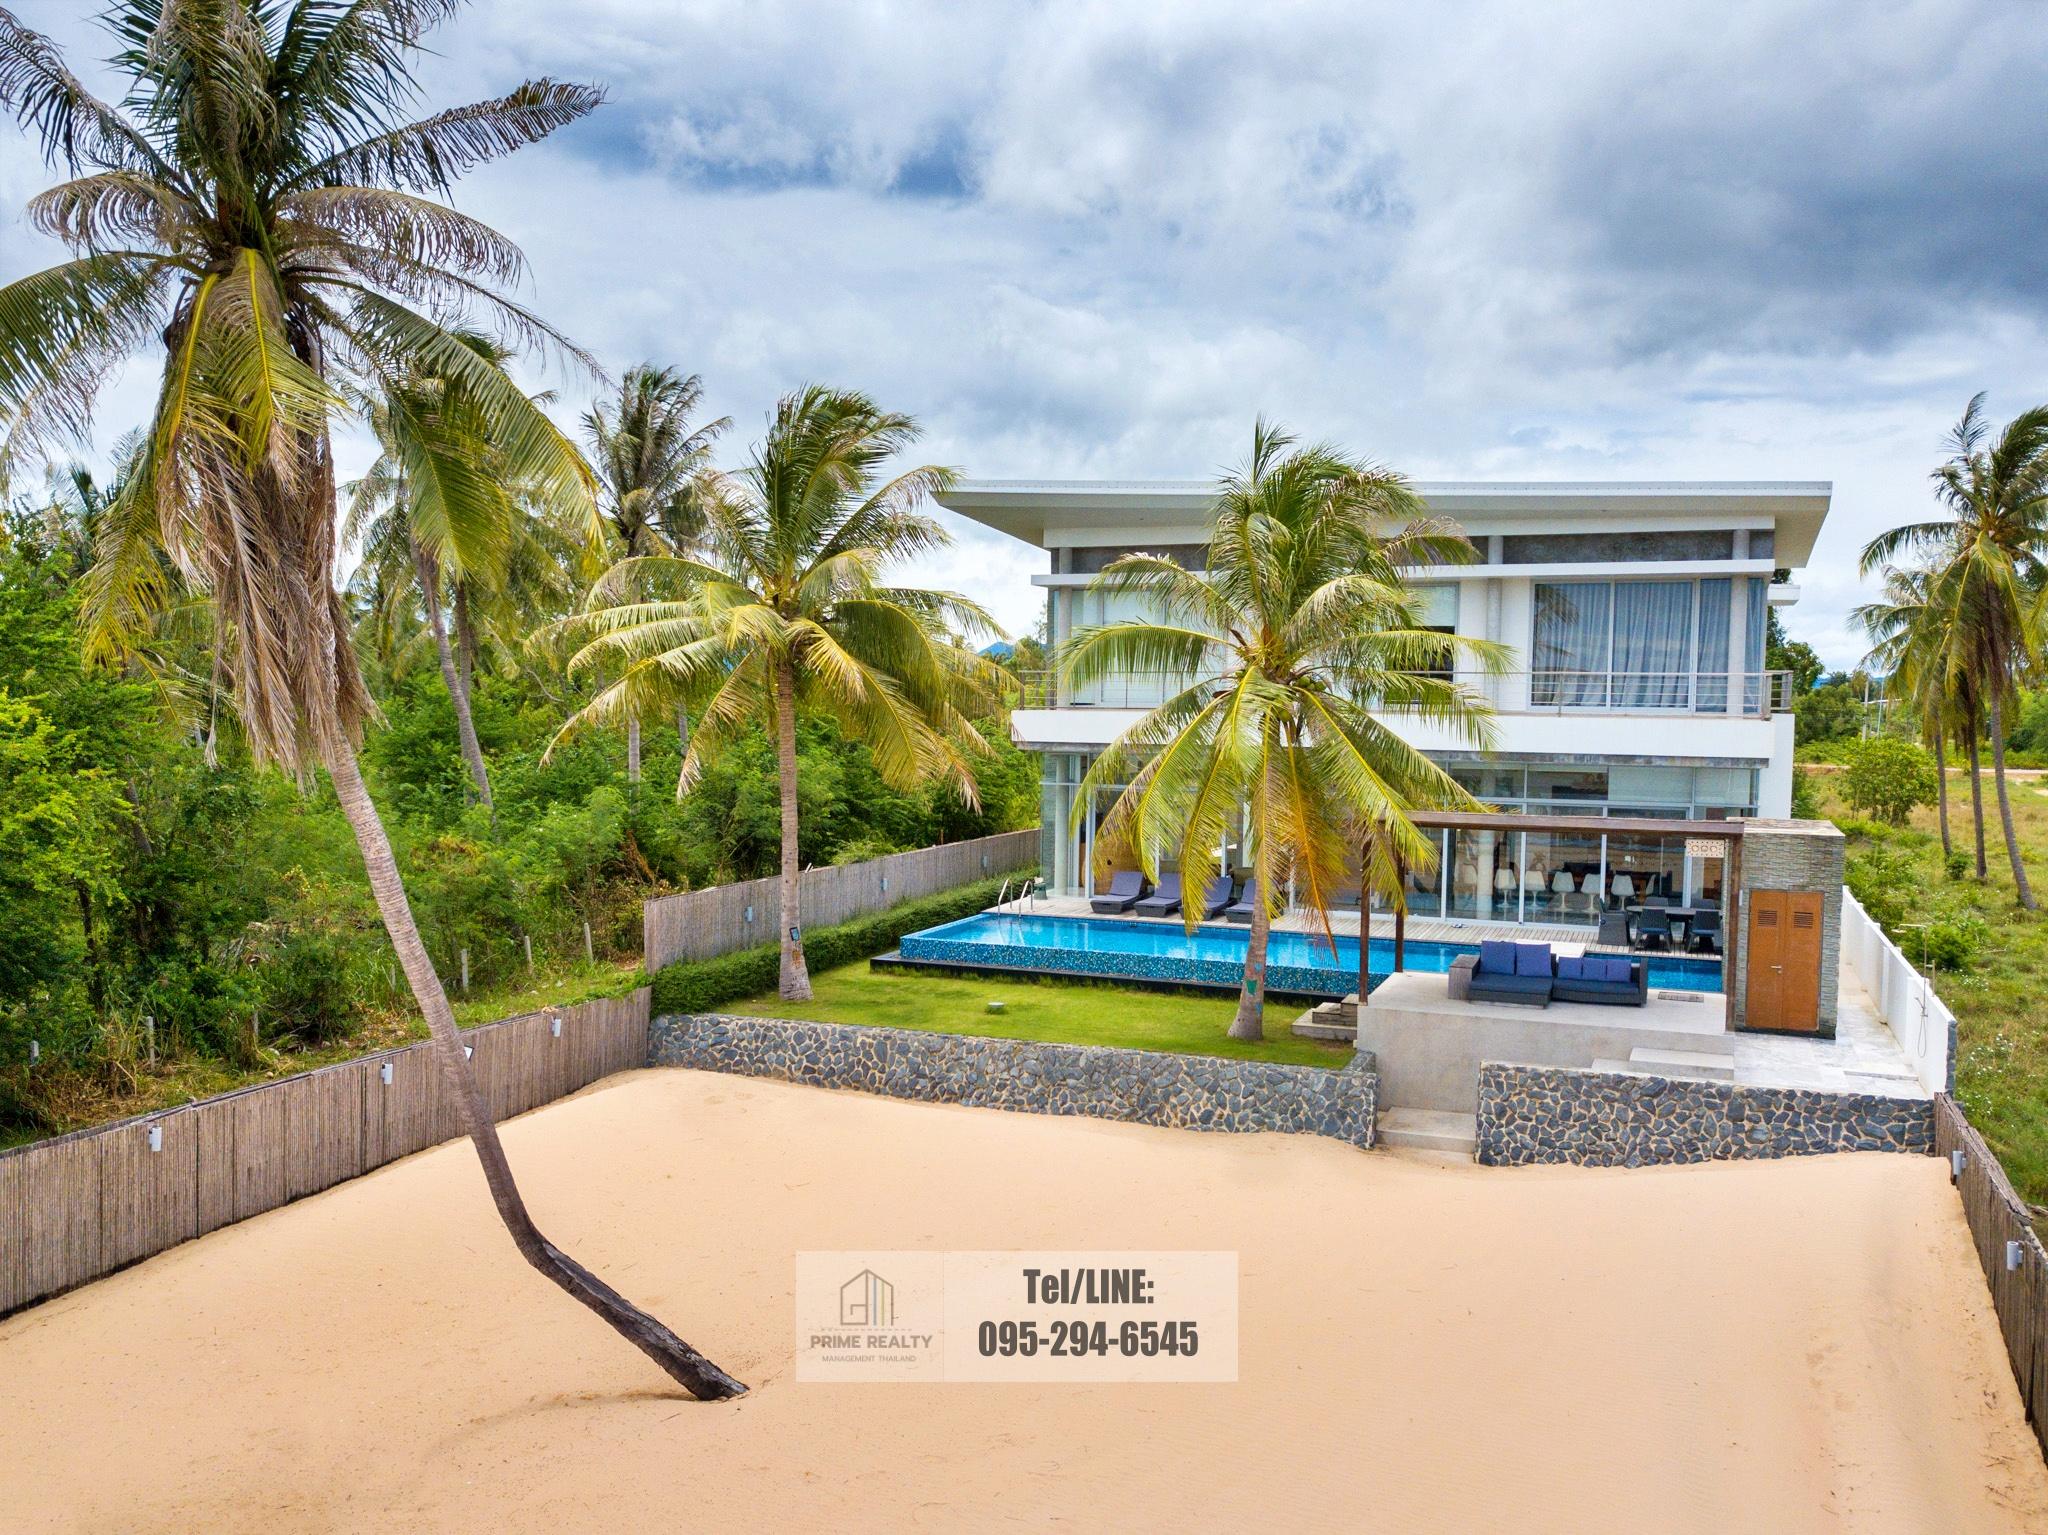 ขายบ้านติดทะเลกุยบุรี Beachfront For Sale @Kuibuiri